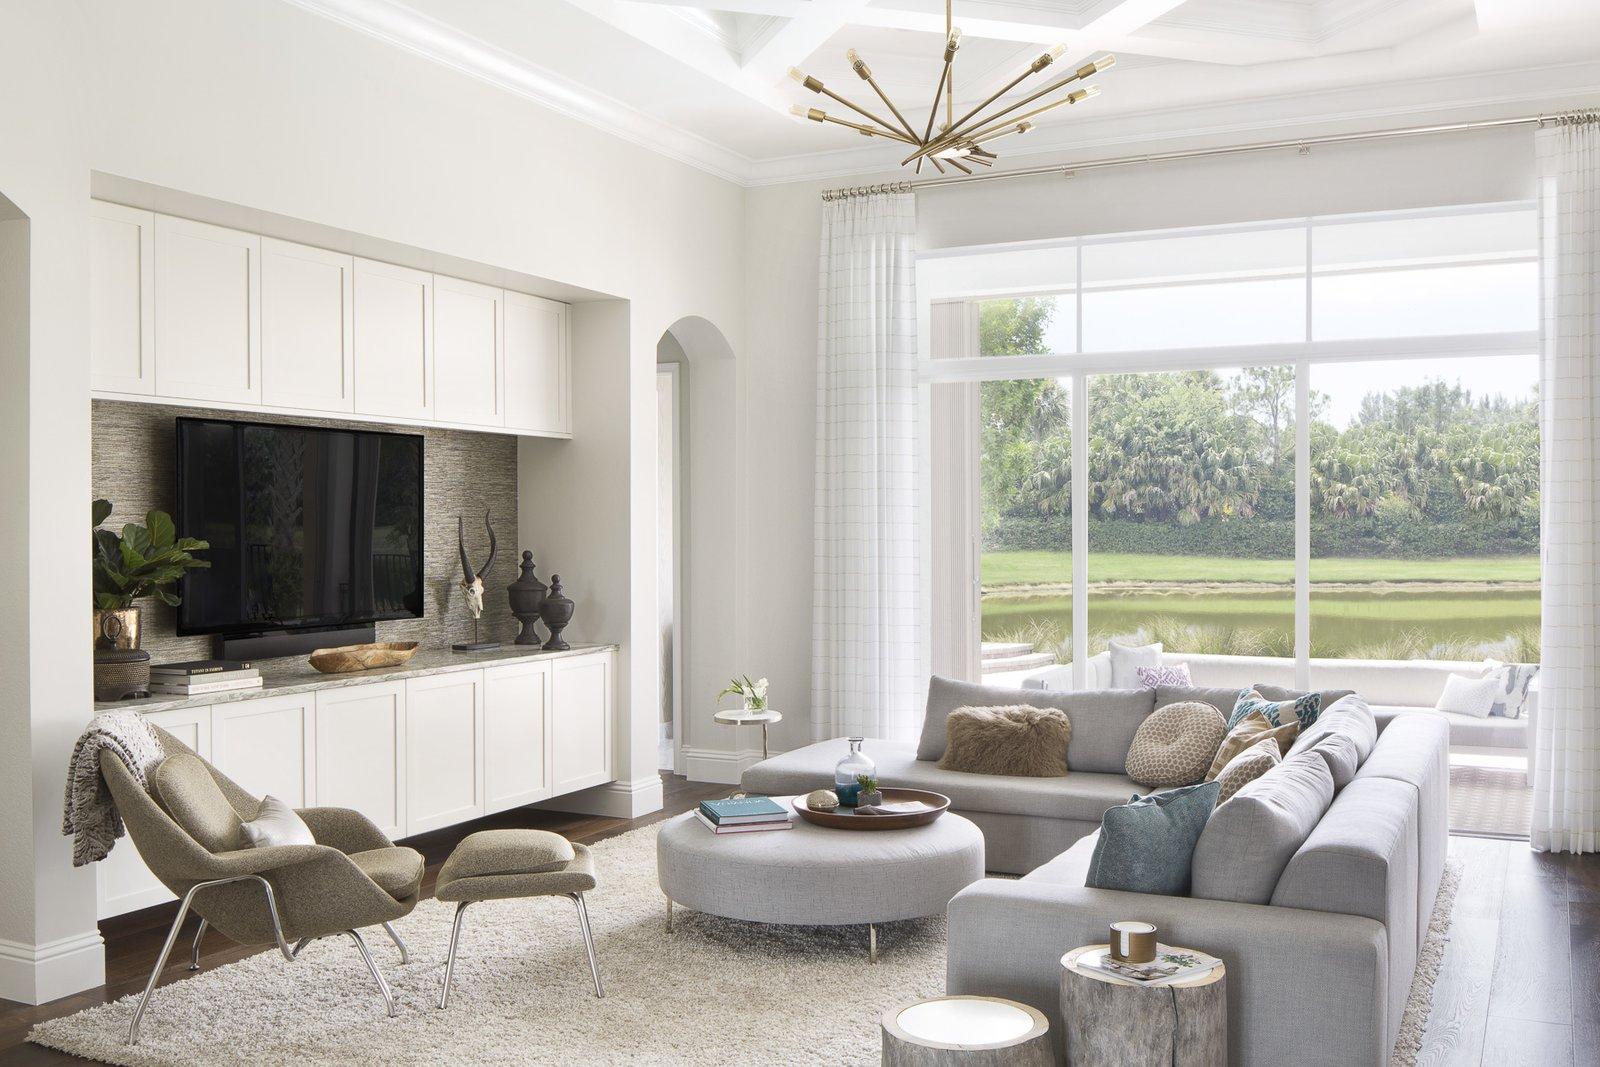 Krista Watterworth Design Studio, www.kristawatterworth.com  Mirasol